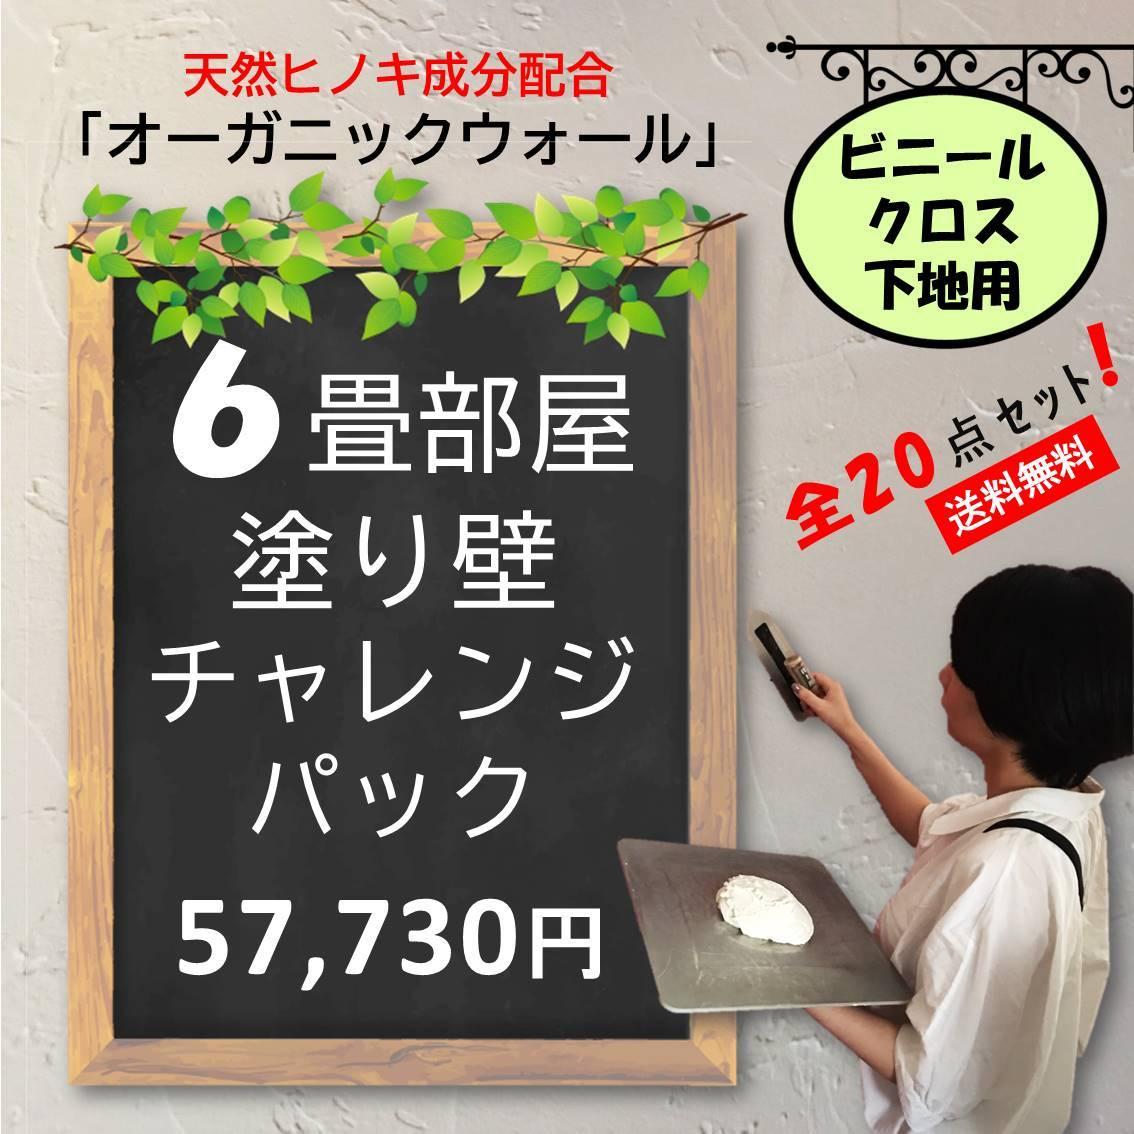 DIY リフォーム 珪藻土 オーガニックウォール 6畳用 ビニールクロス下地 パッケージ 日本製 自社製造 カフェ風 おしゃれな 空間 選べるカラー 全10色